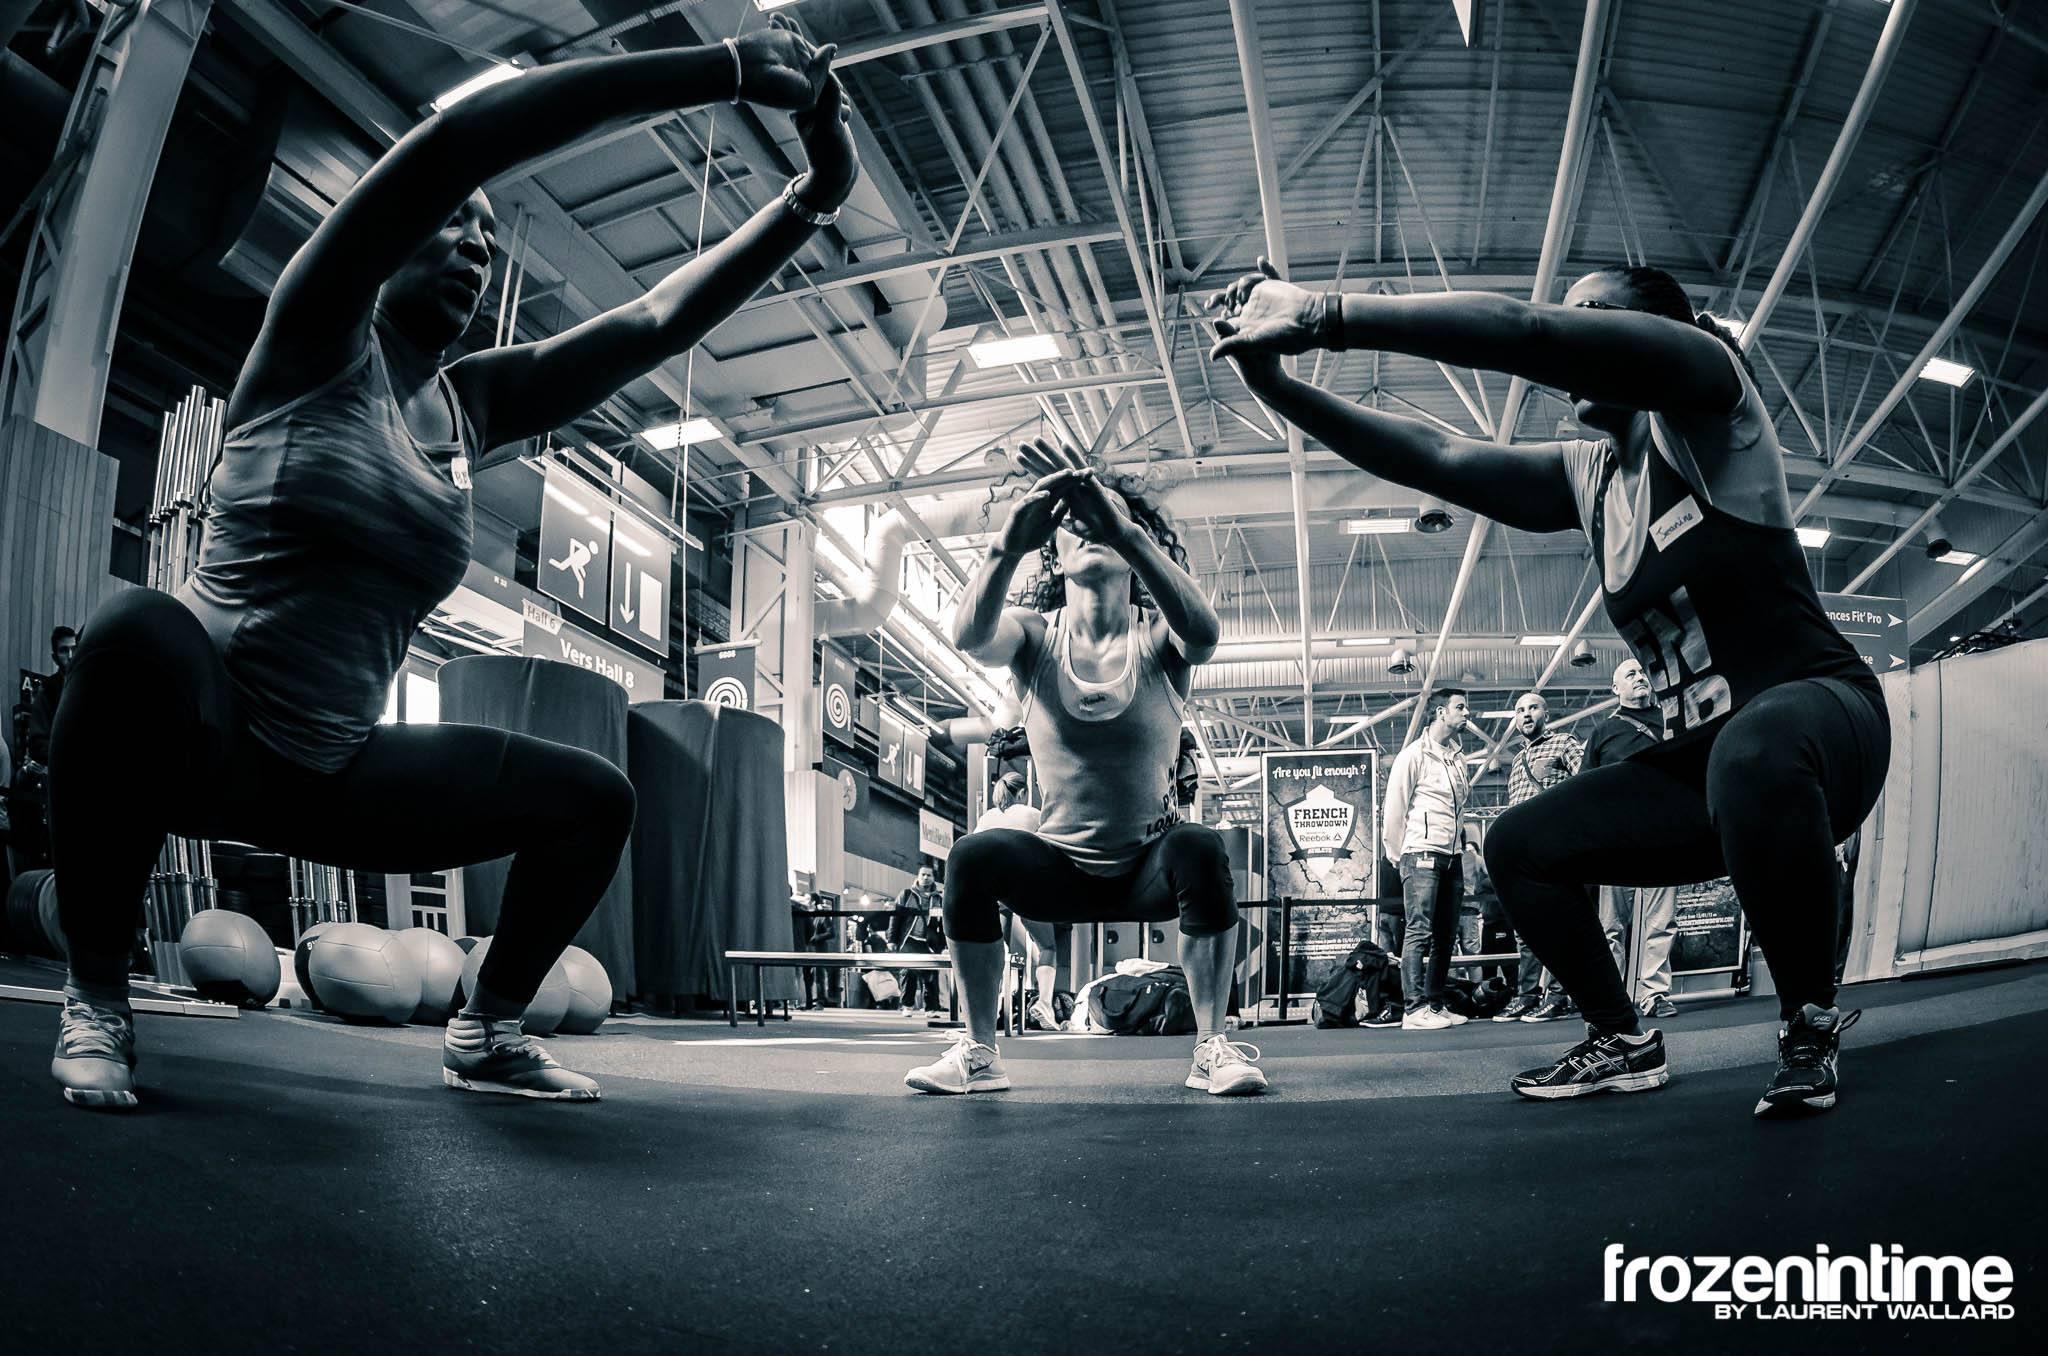 5 preuves que votre entraînement crossfit est efficace dans votre vie de tous les jours